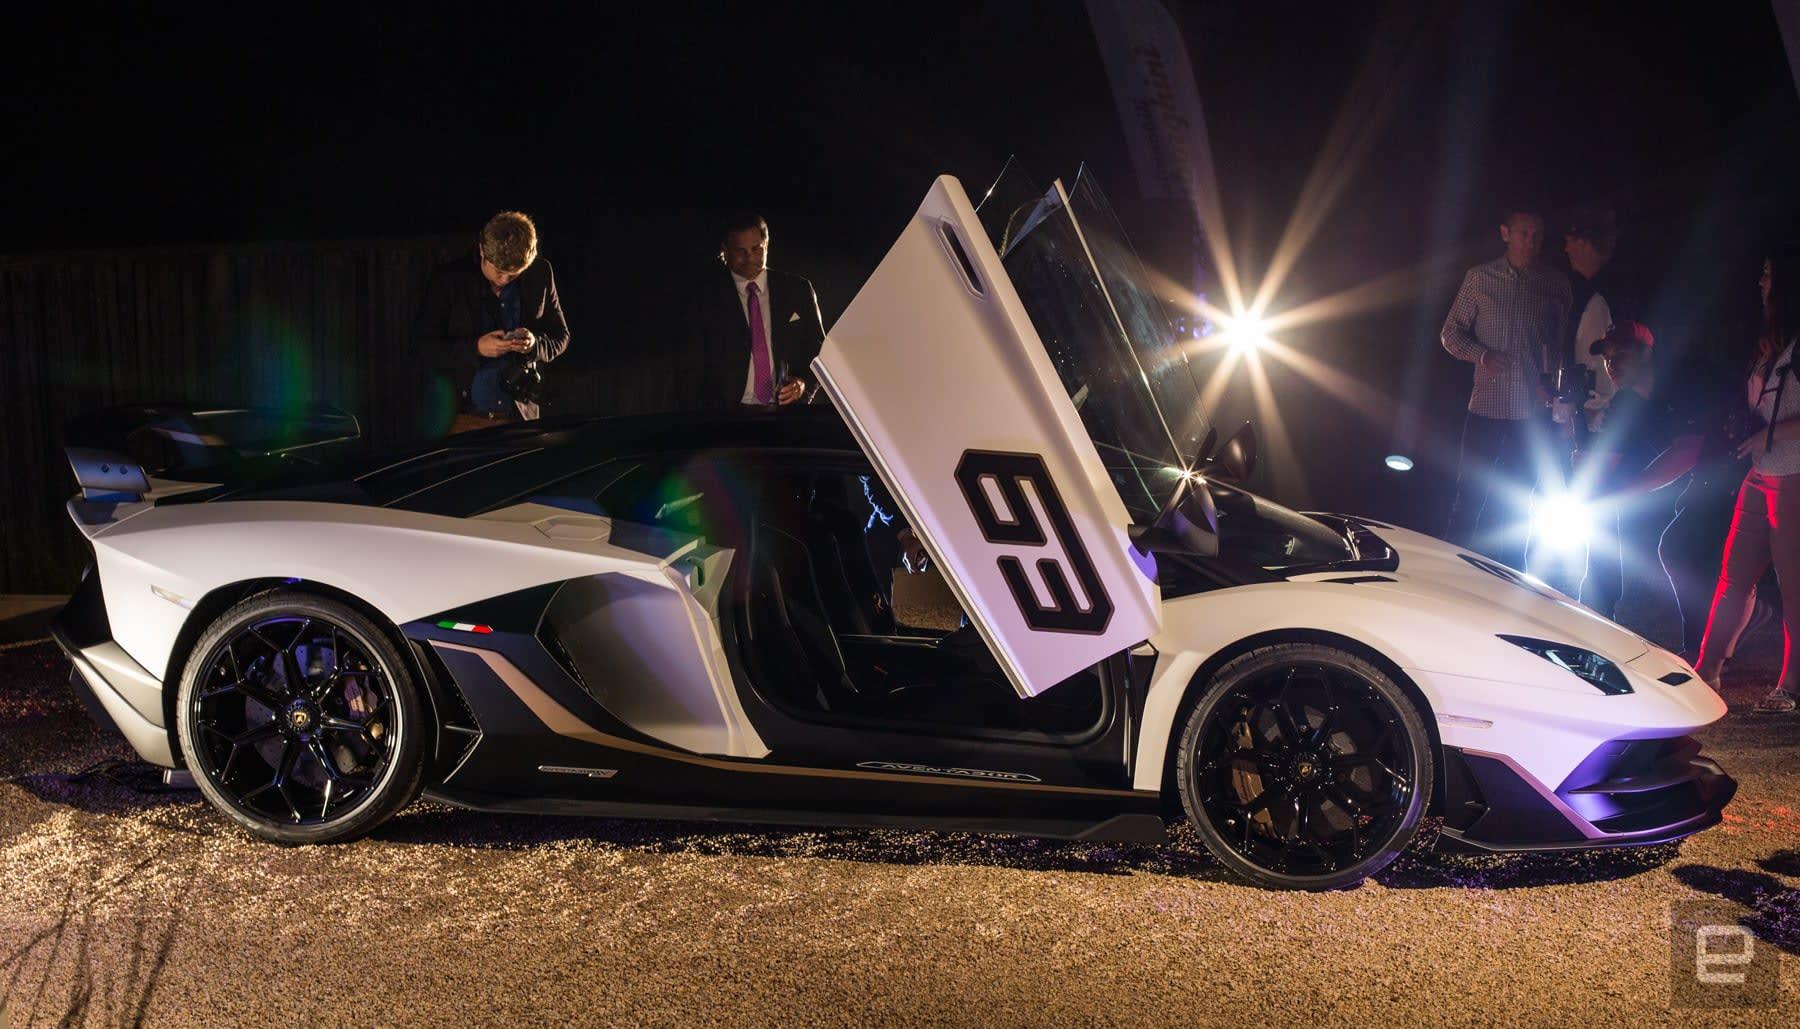 Lamborghini S Aventador Svj Bests Its Siblings In Downforce